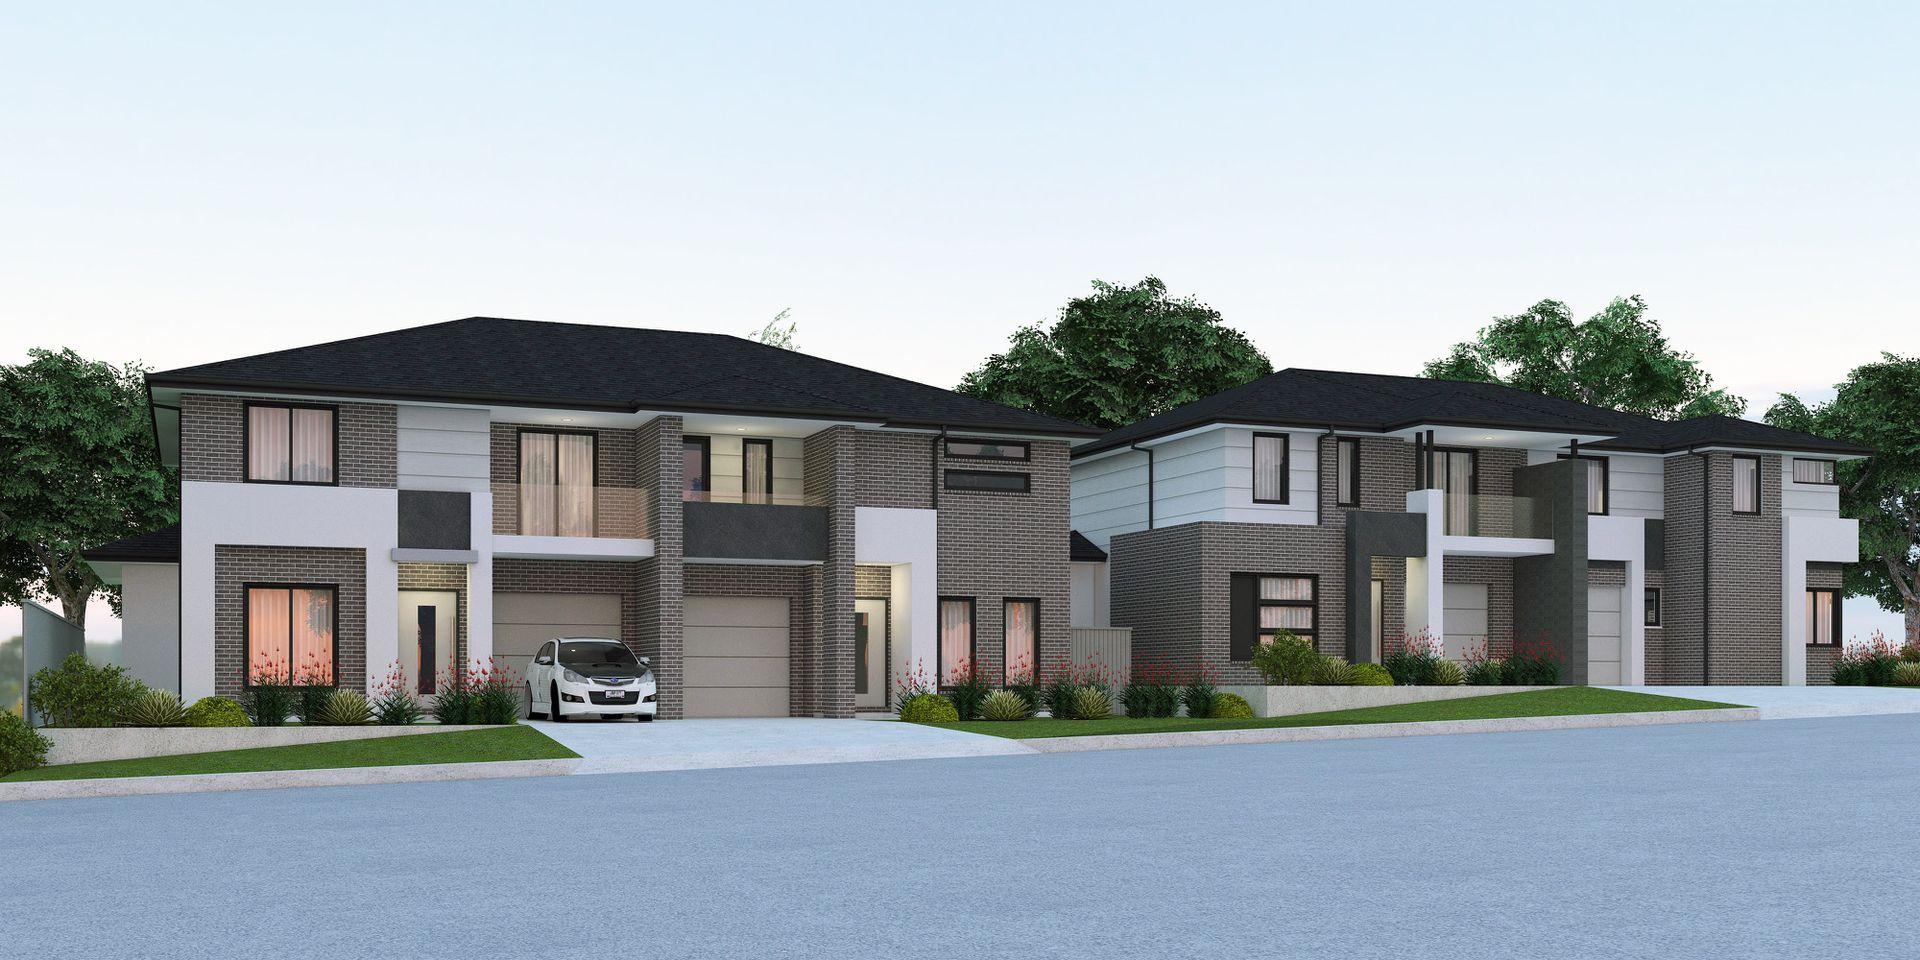 1/80 Oramzi Rd, Girraween NSW 2145, Image 1